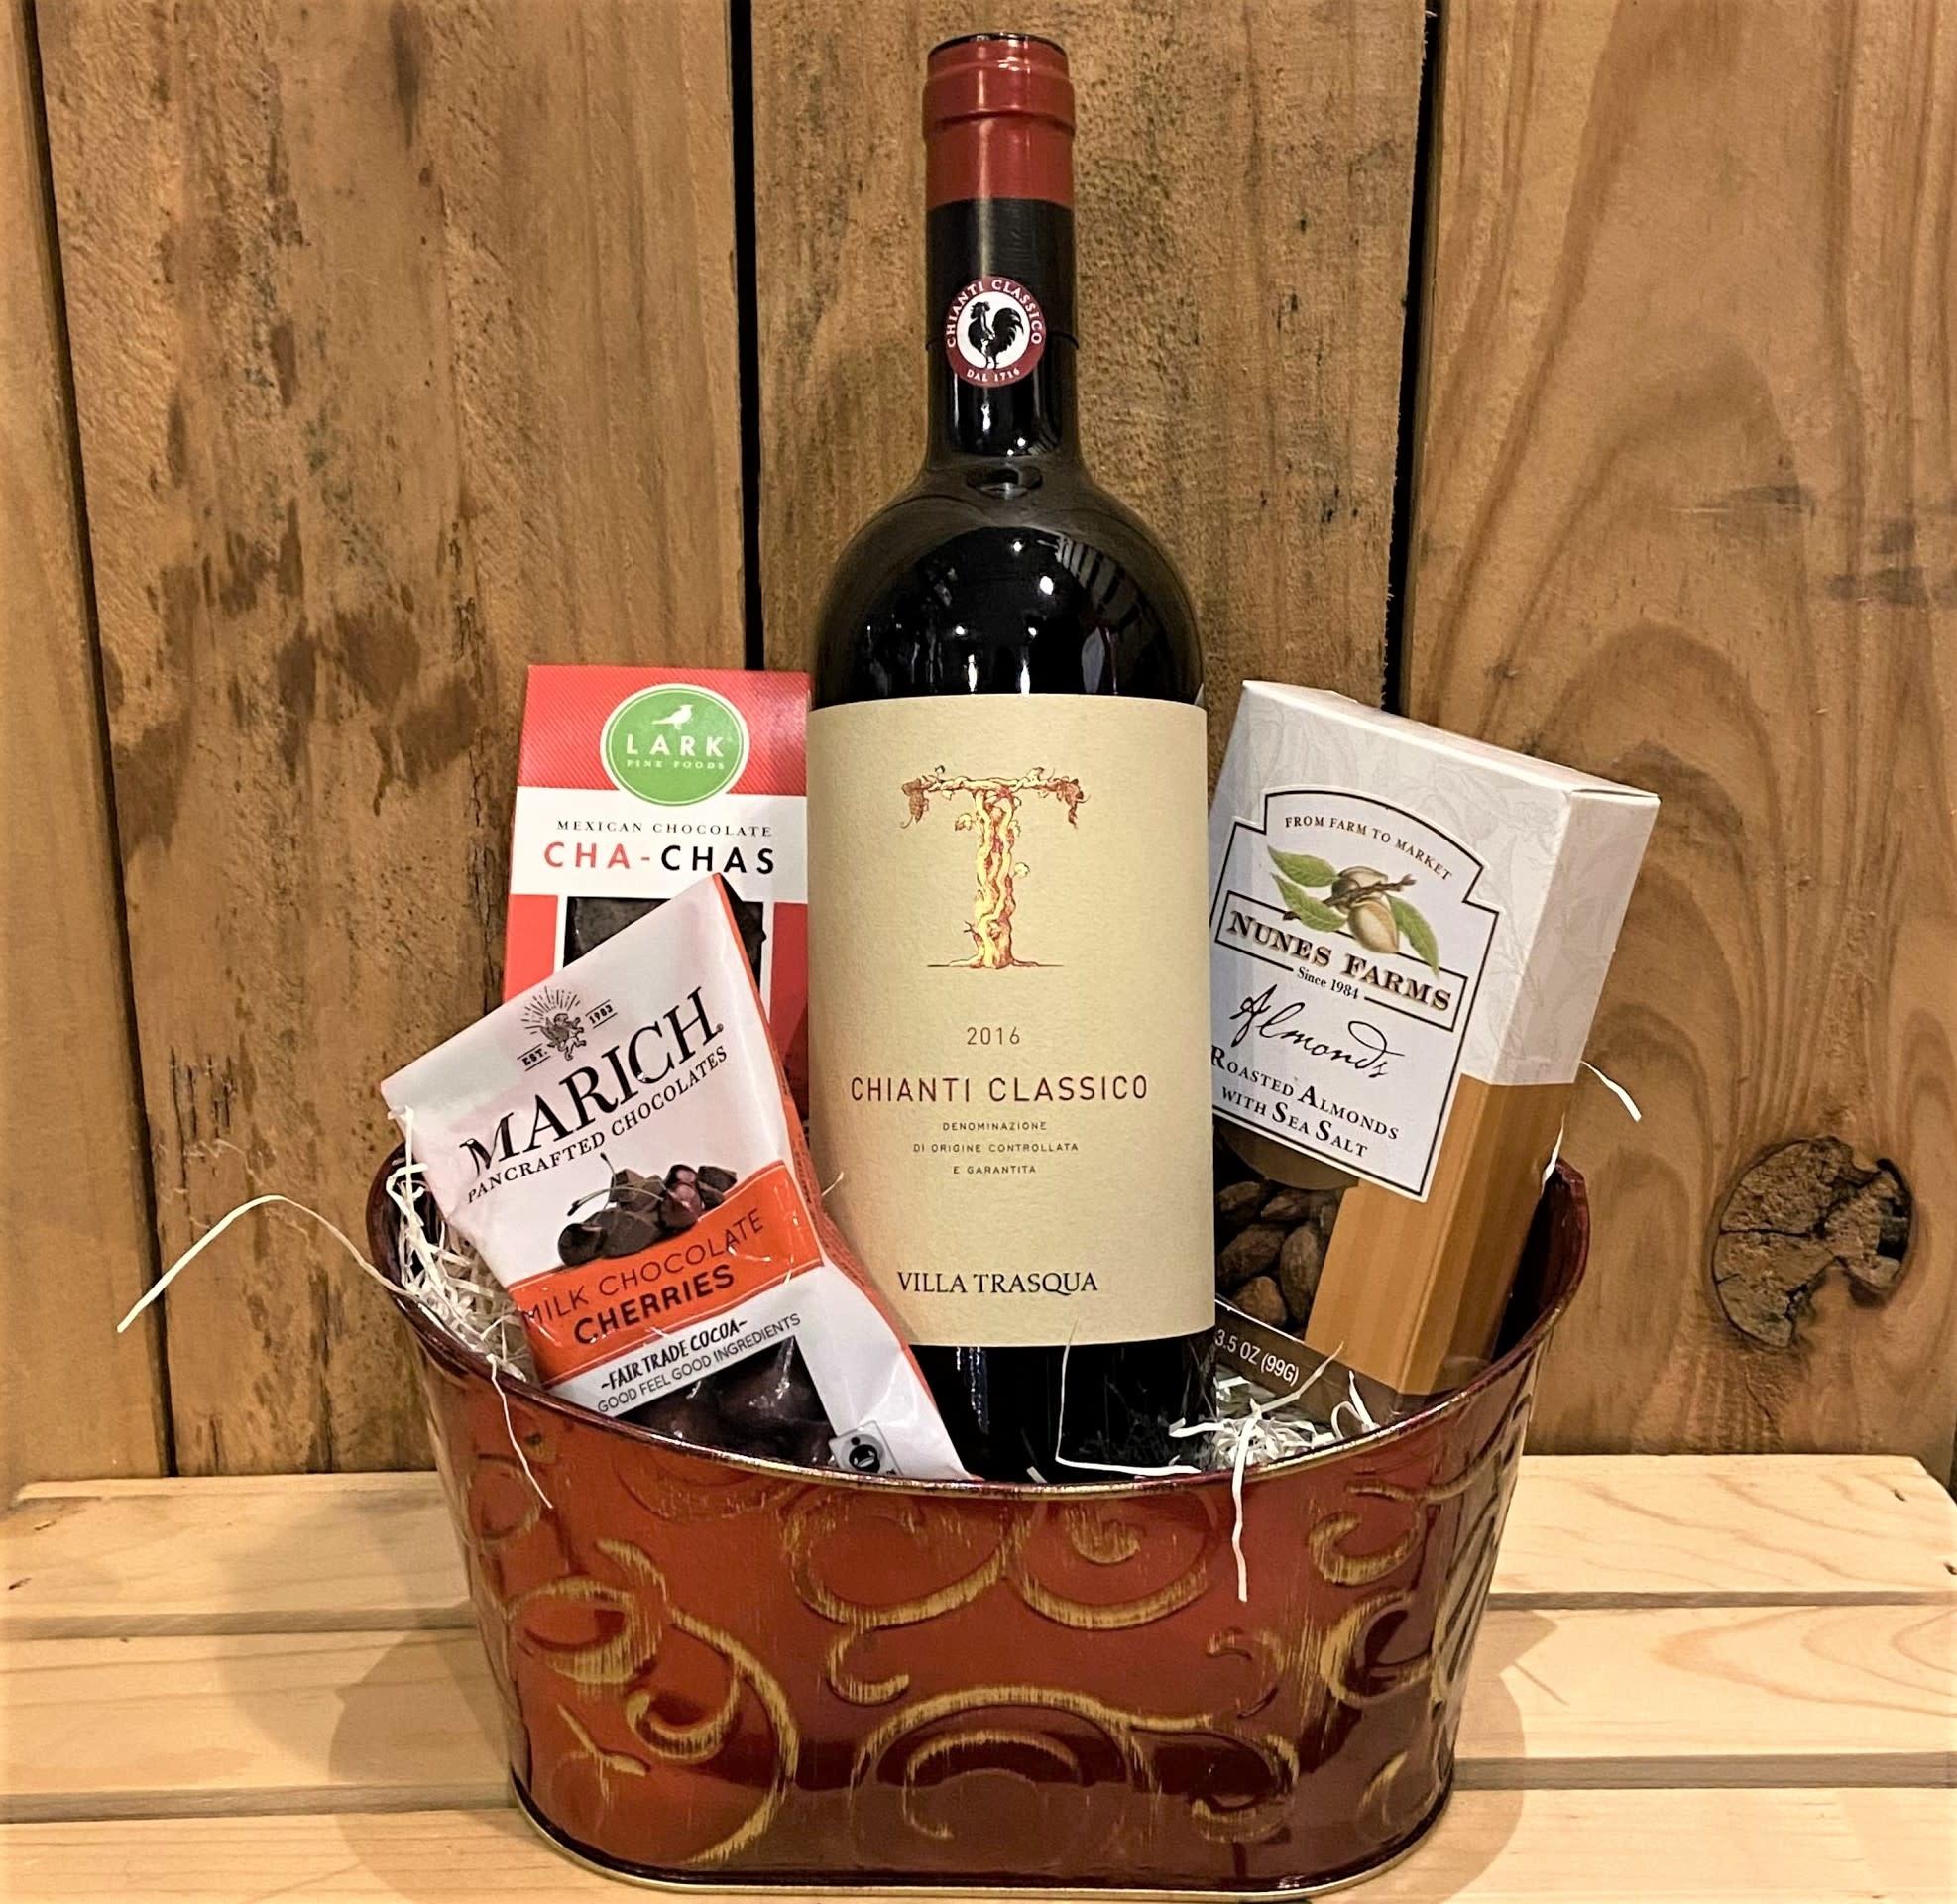 Villa Trasqua Chianti Classico Single Bottle Gift Basket